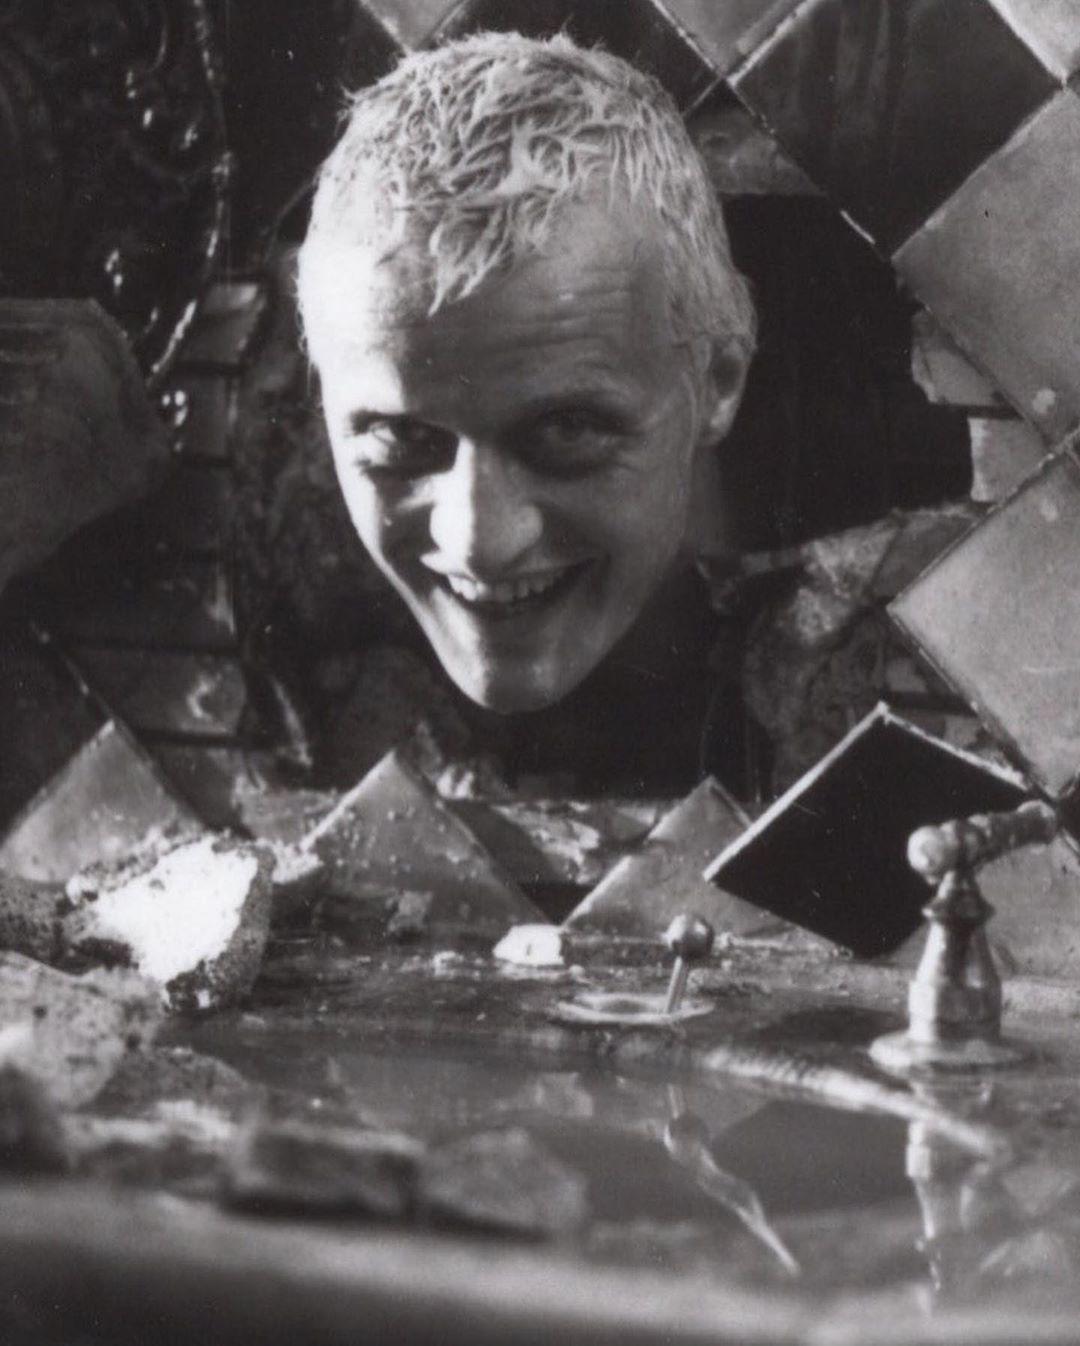 Рутгер Хауэр на съемках фильма «Бегущий по лезвию»